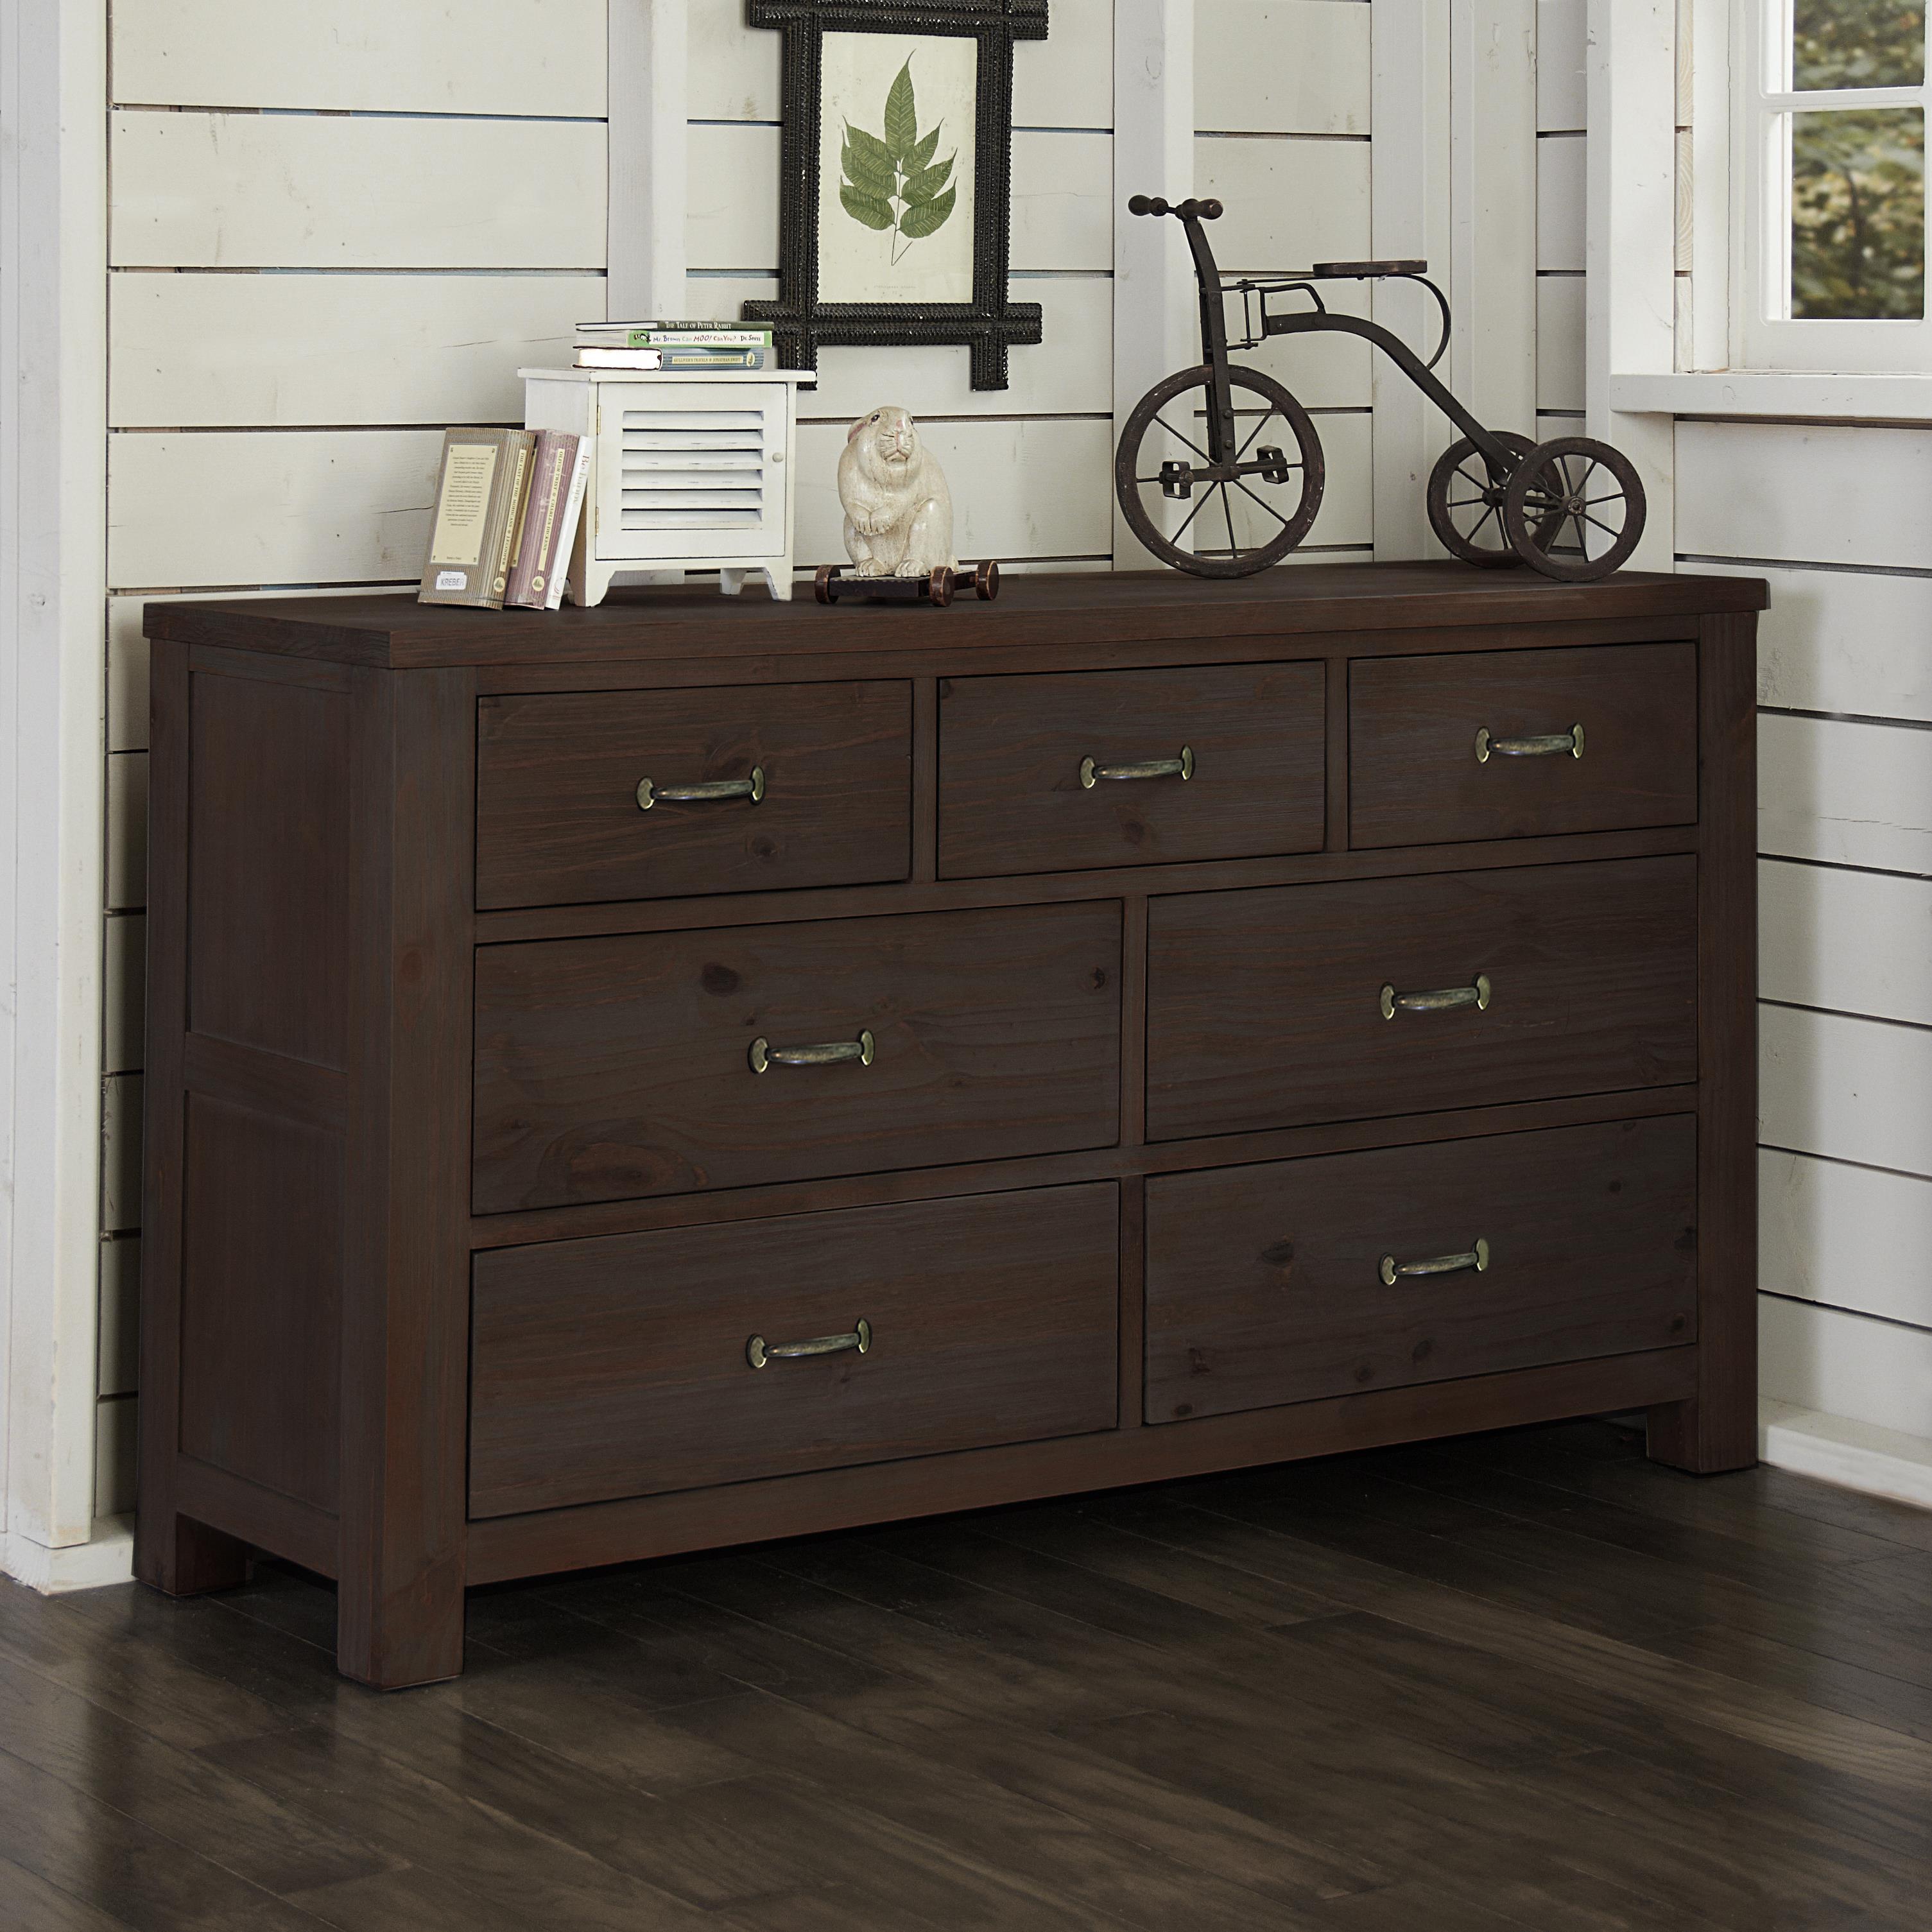 NE Kids Highlands Dresser - Item Number: 11500